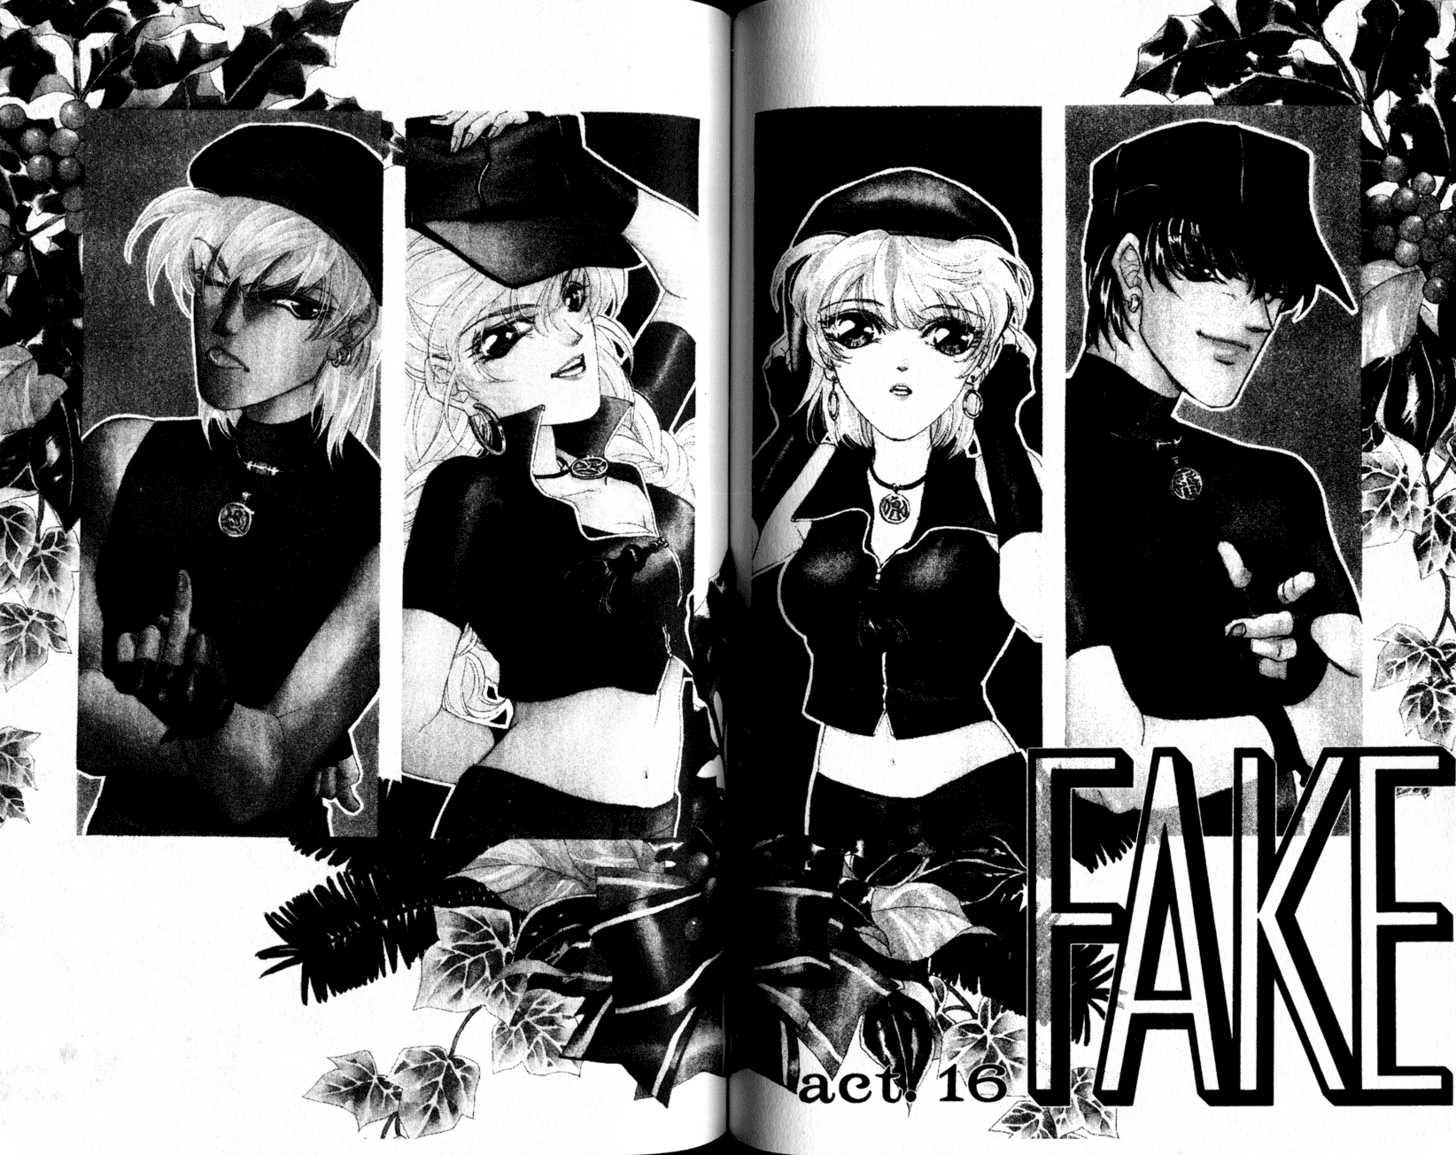 Fake 16 Page 1